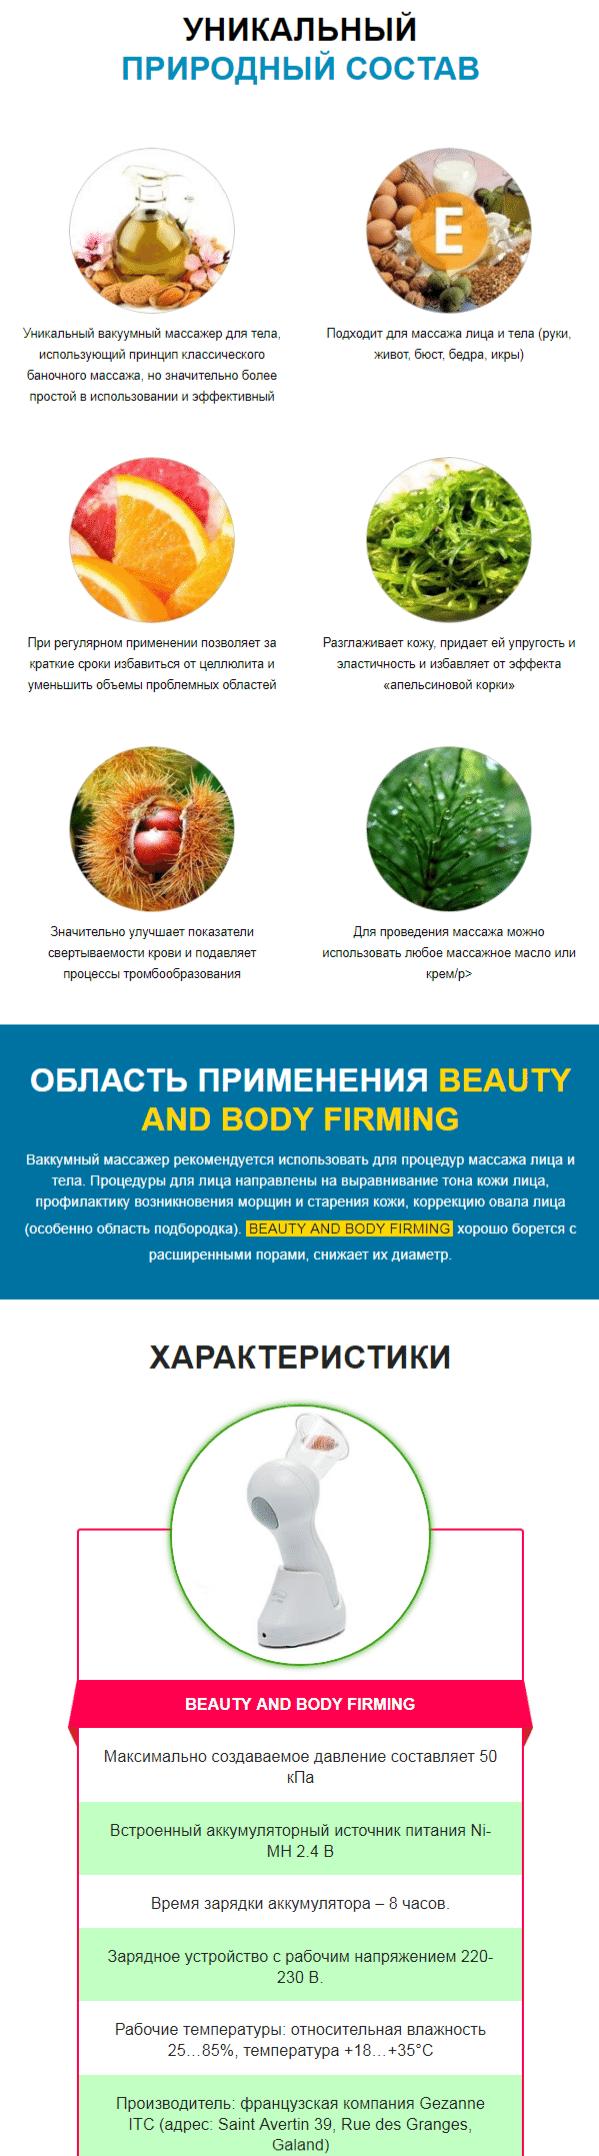 Антицеллюлитный вакуумный массажер Beauty and Body Firming купить